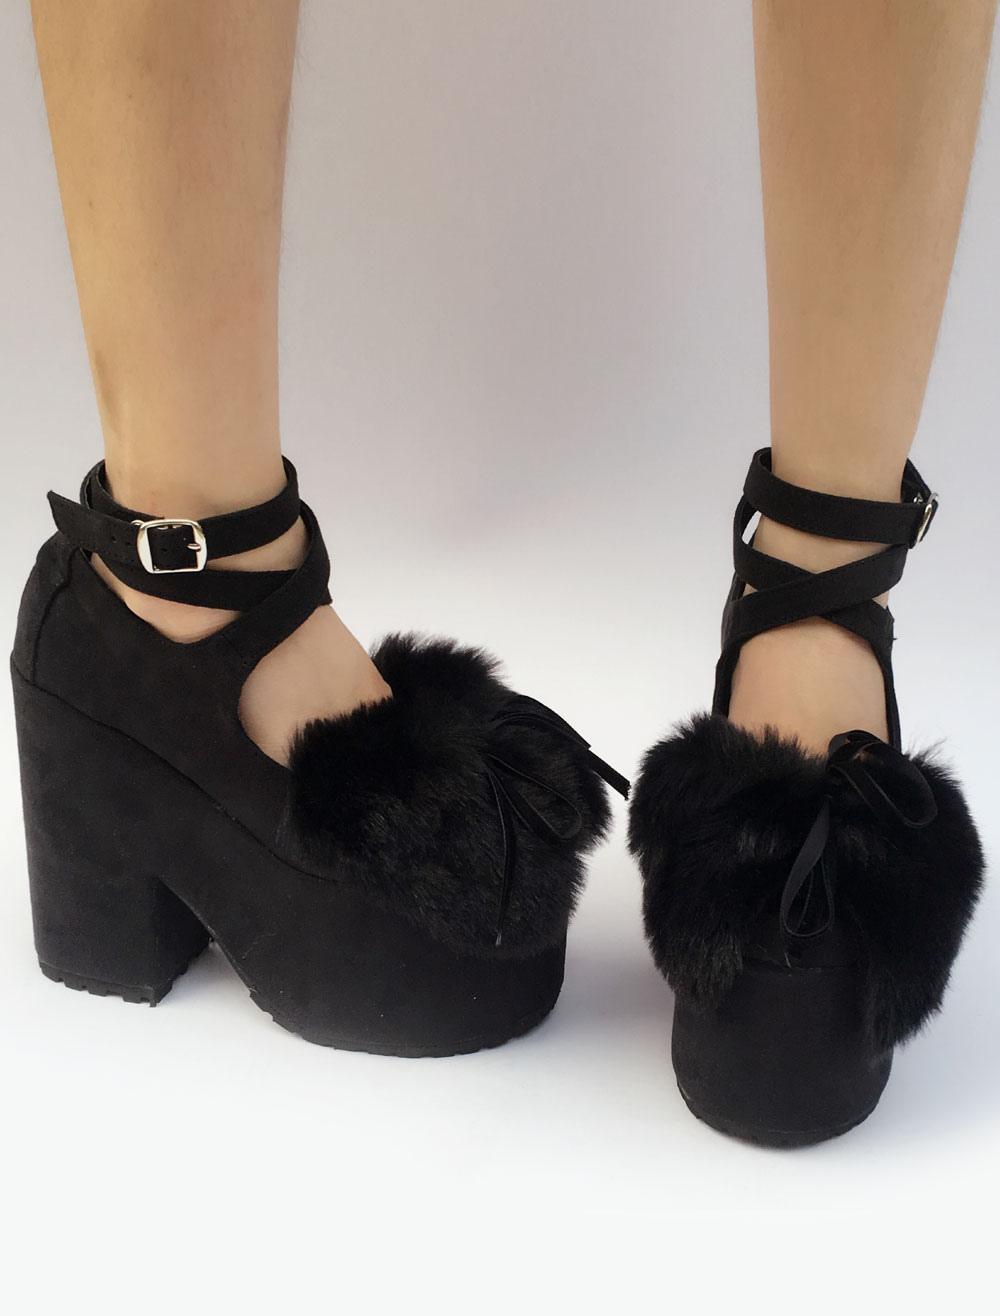 Zapatos de plataforma Lolita negro tobillo correa Lolita de tacón grueso con el arco OygDhyQum